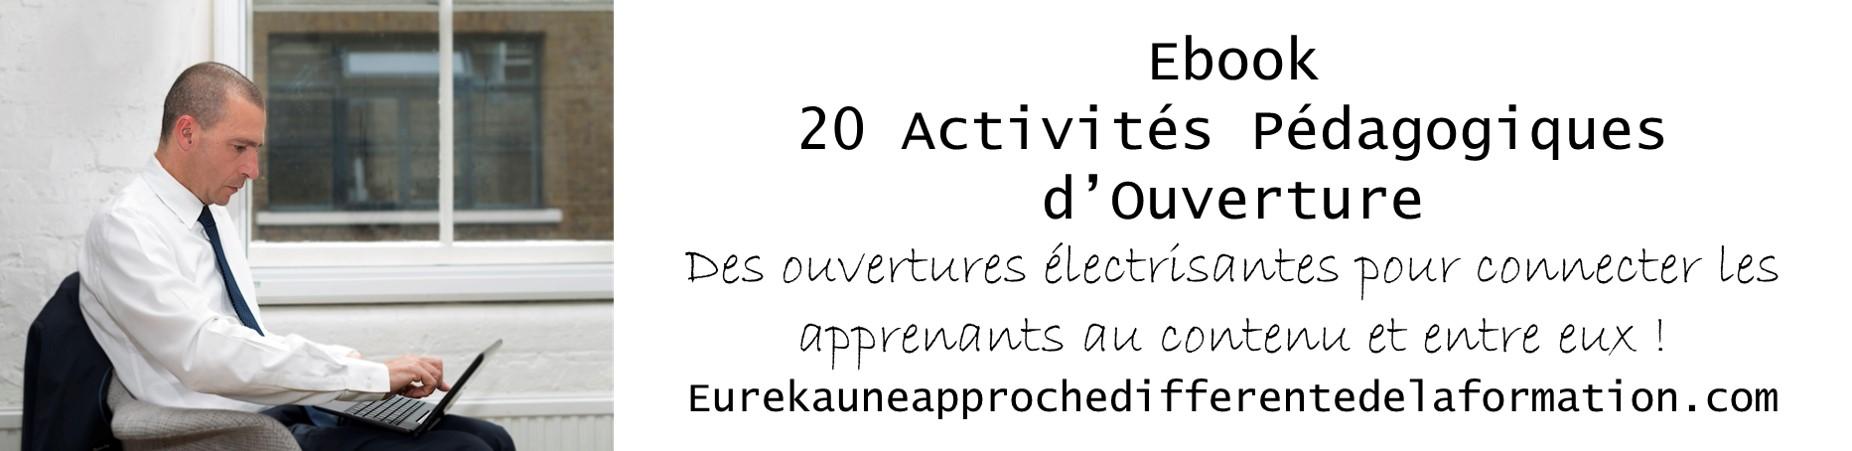 20 activités pédagogiques d'ouverture prêtes à l'emploi